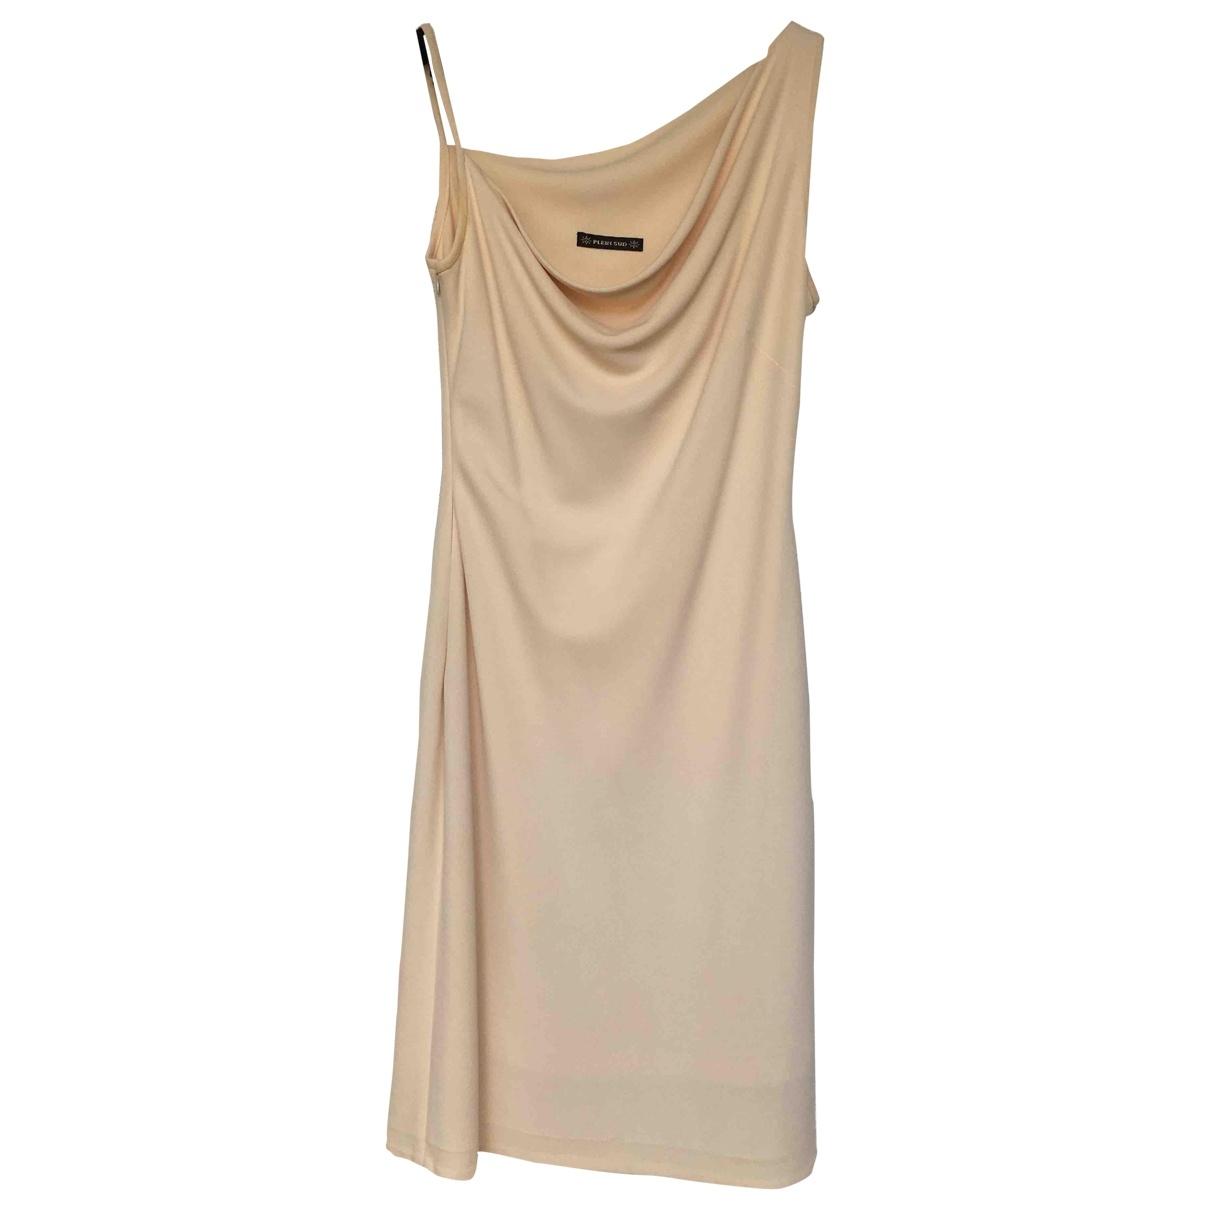 Plein Sud \N Kleid in Polyester